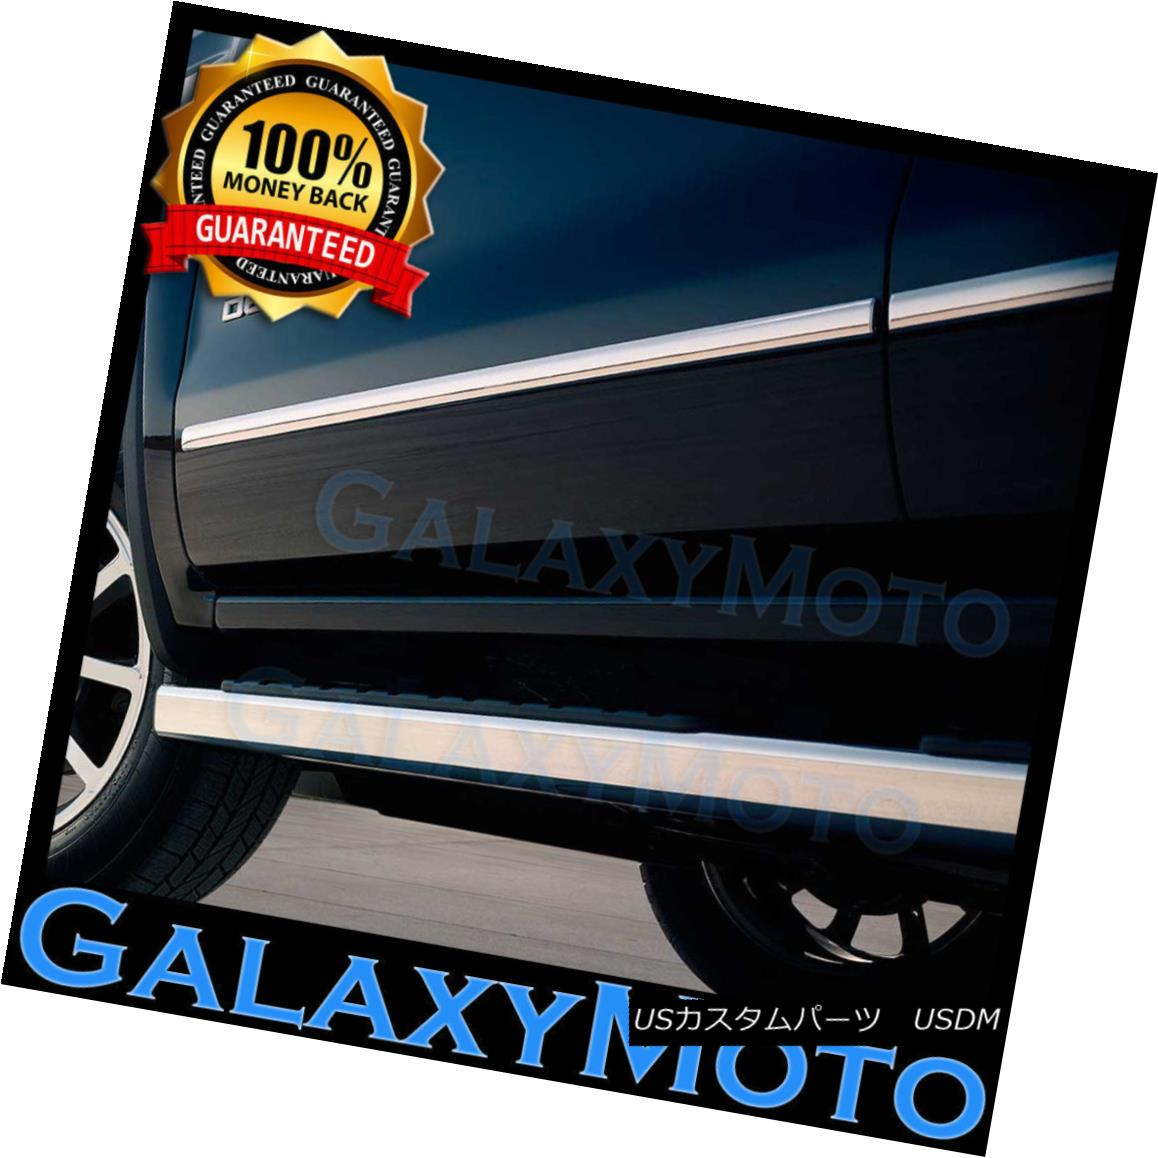 グリル 07-13 Chevy Silverado Extended Cab 4 Door Chrome Body Side Molding Front+Rear 07-13 Chevy Silverado拡張キャブ4ドアクロームボディサイドモールディングフロント+リア